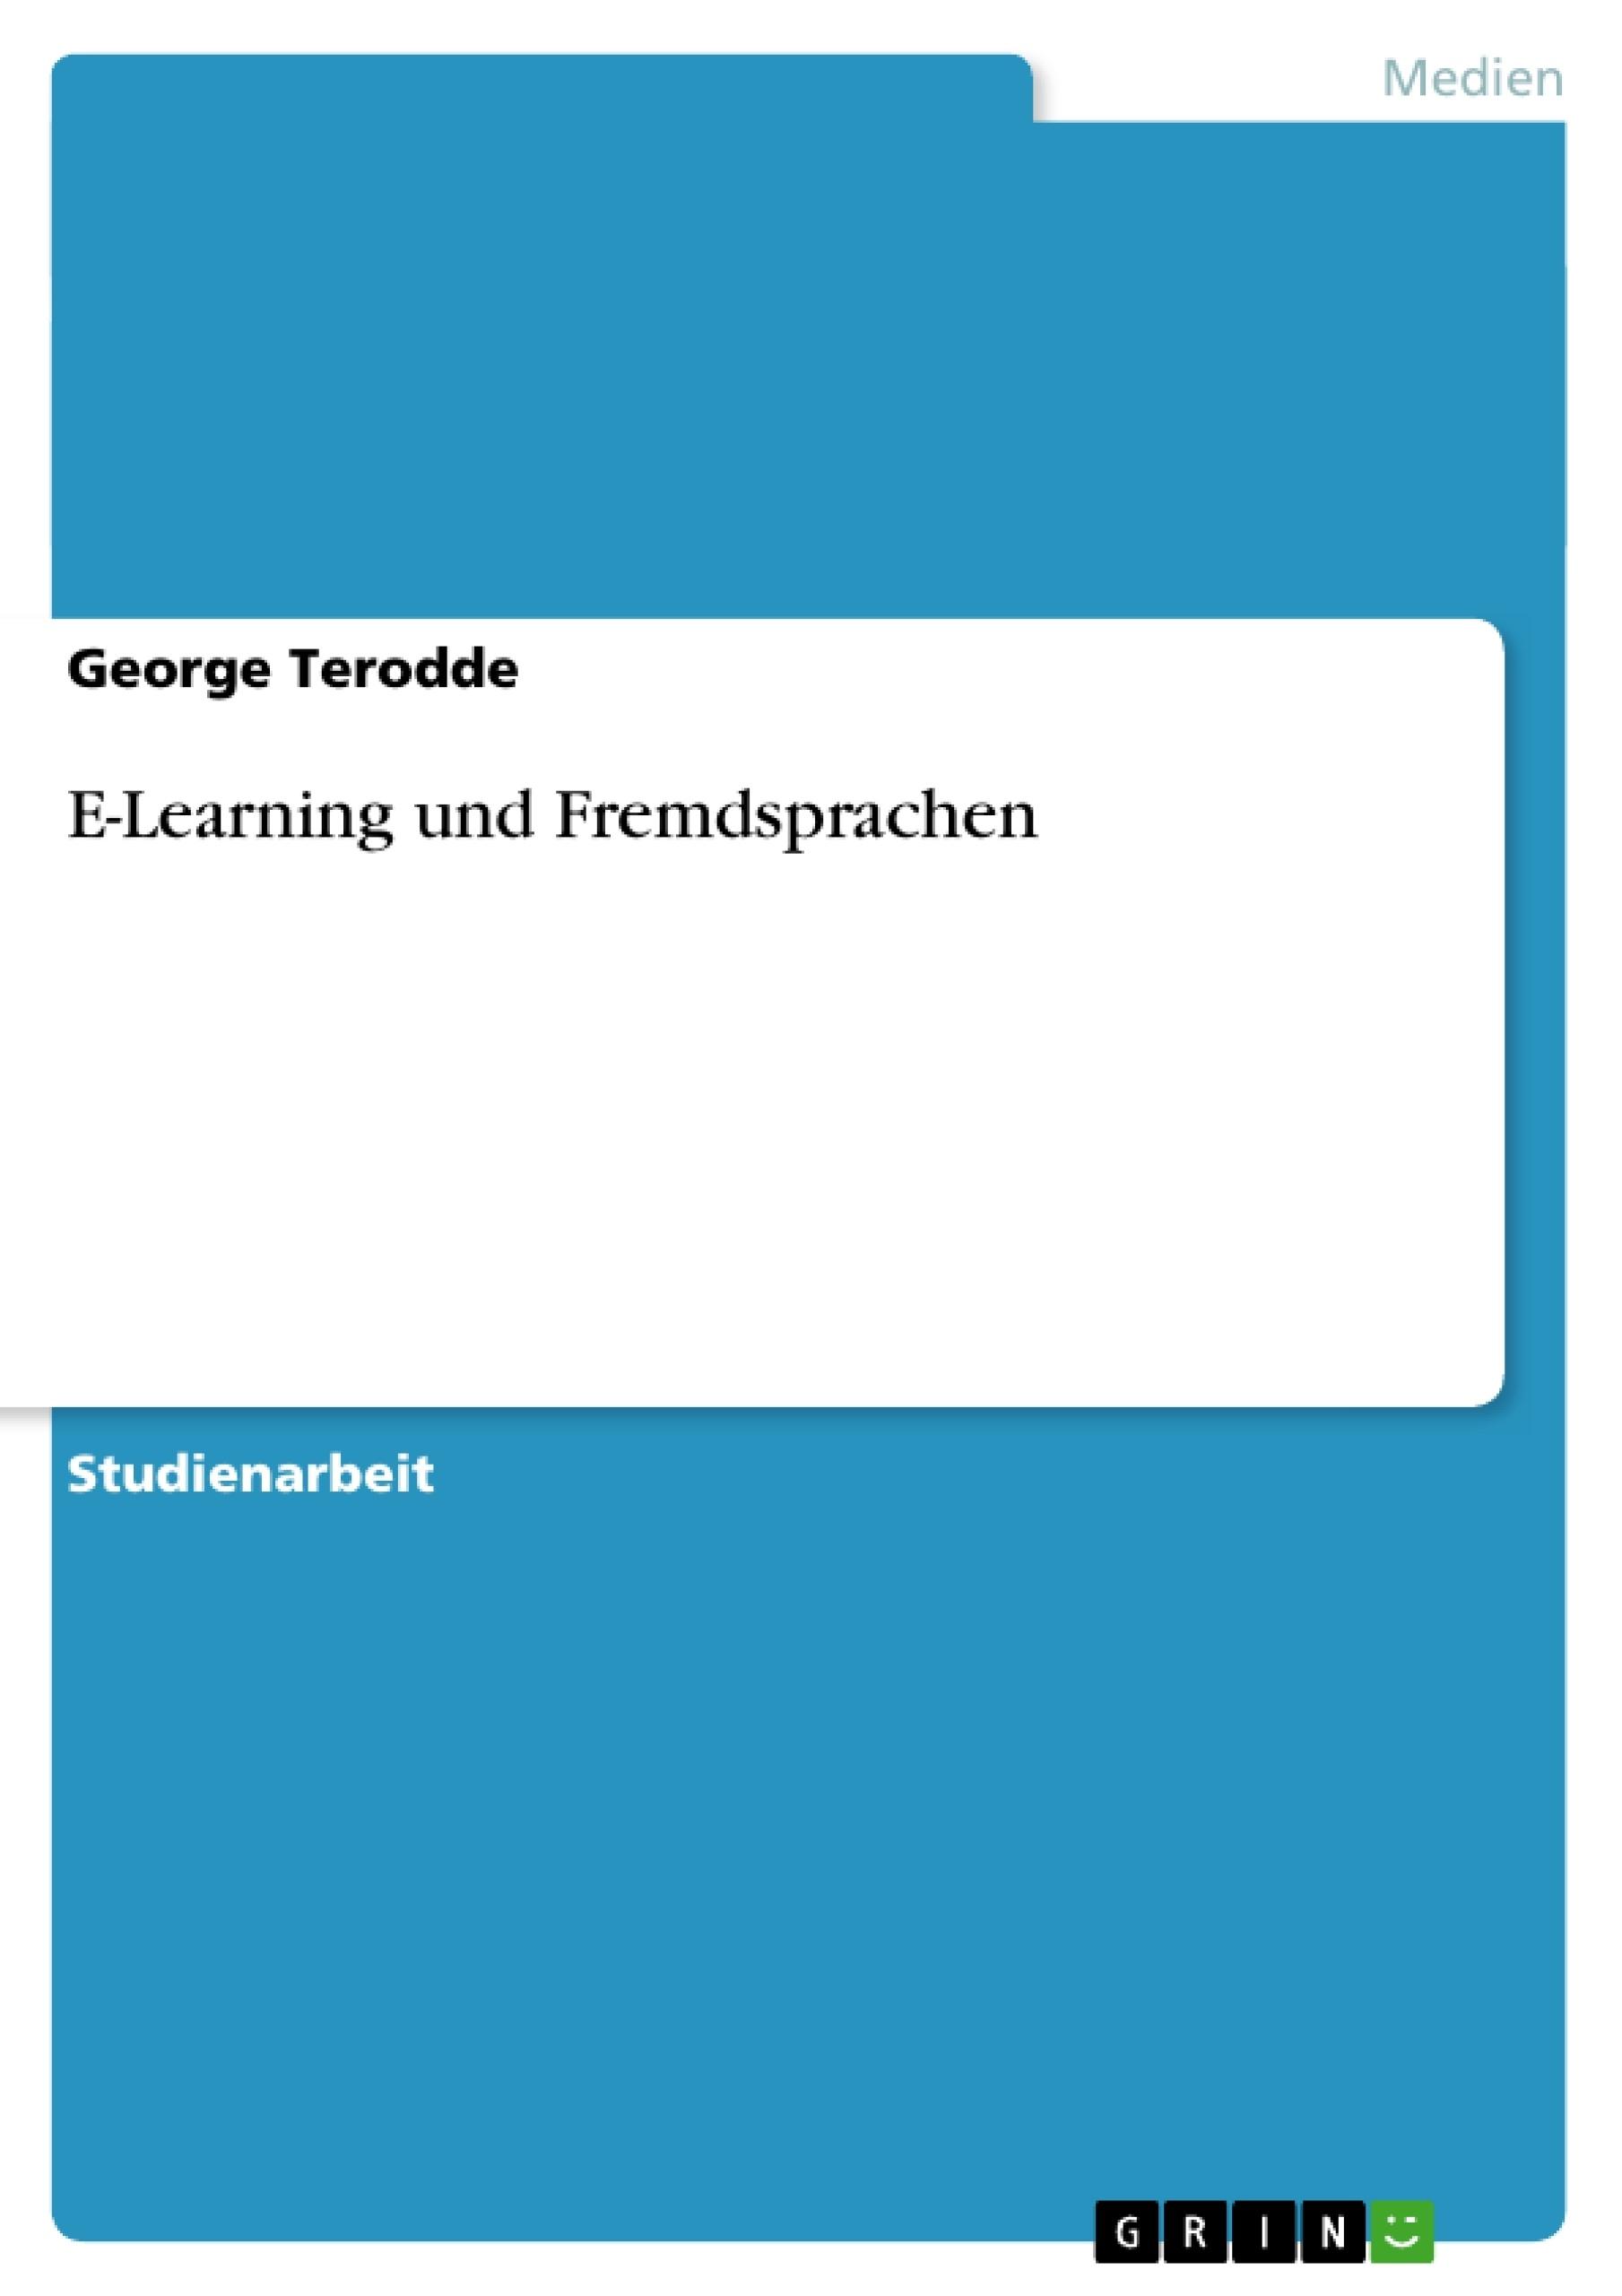 Titel: E-Learning und Fremdsprachen